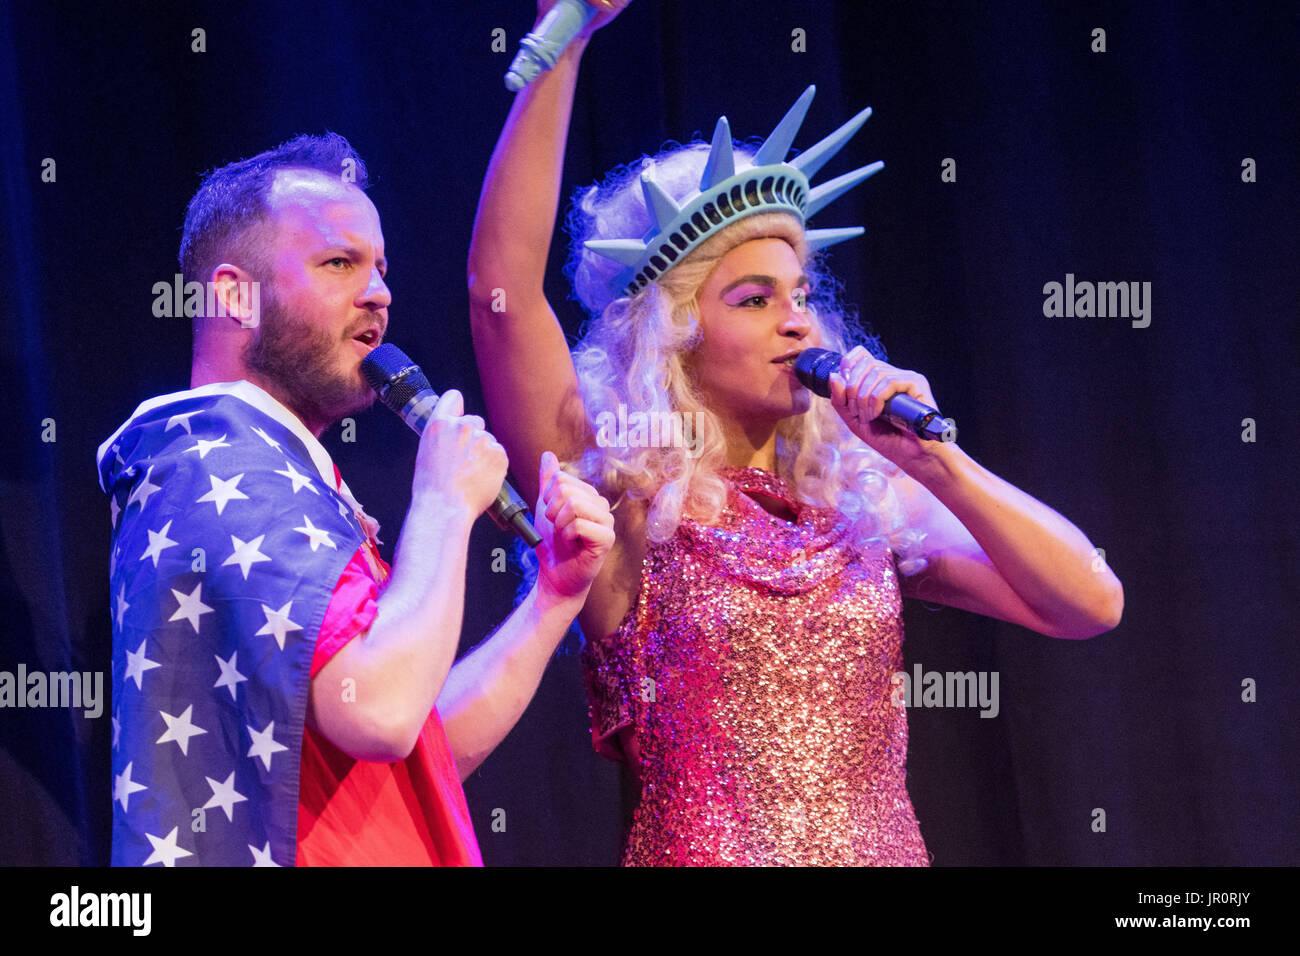 Prom Queen Imágenes De Stock & Prom Queen Fotos De Stock - Alamy